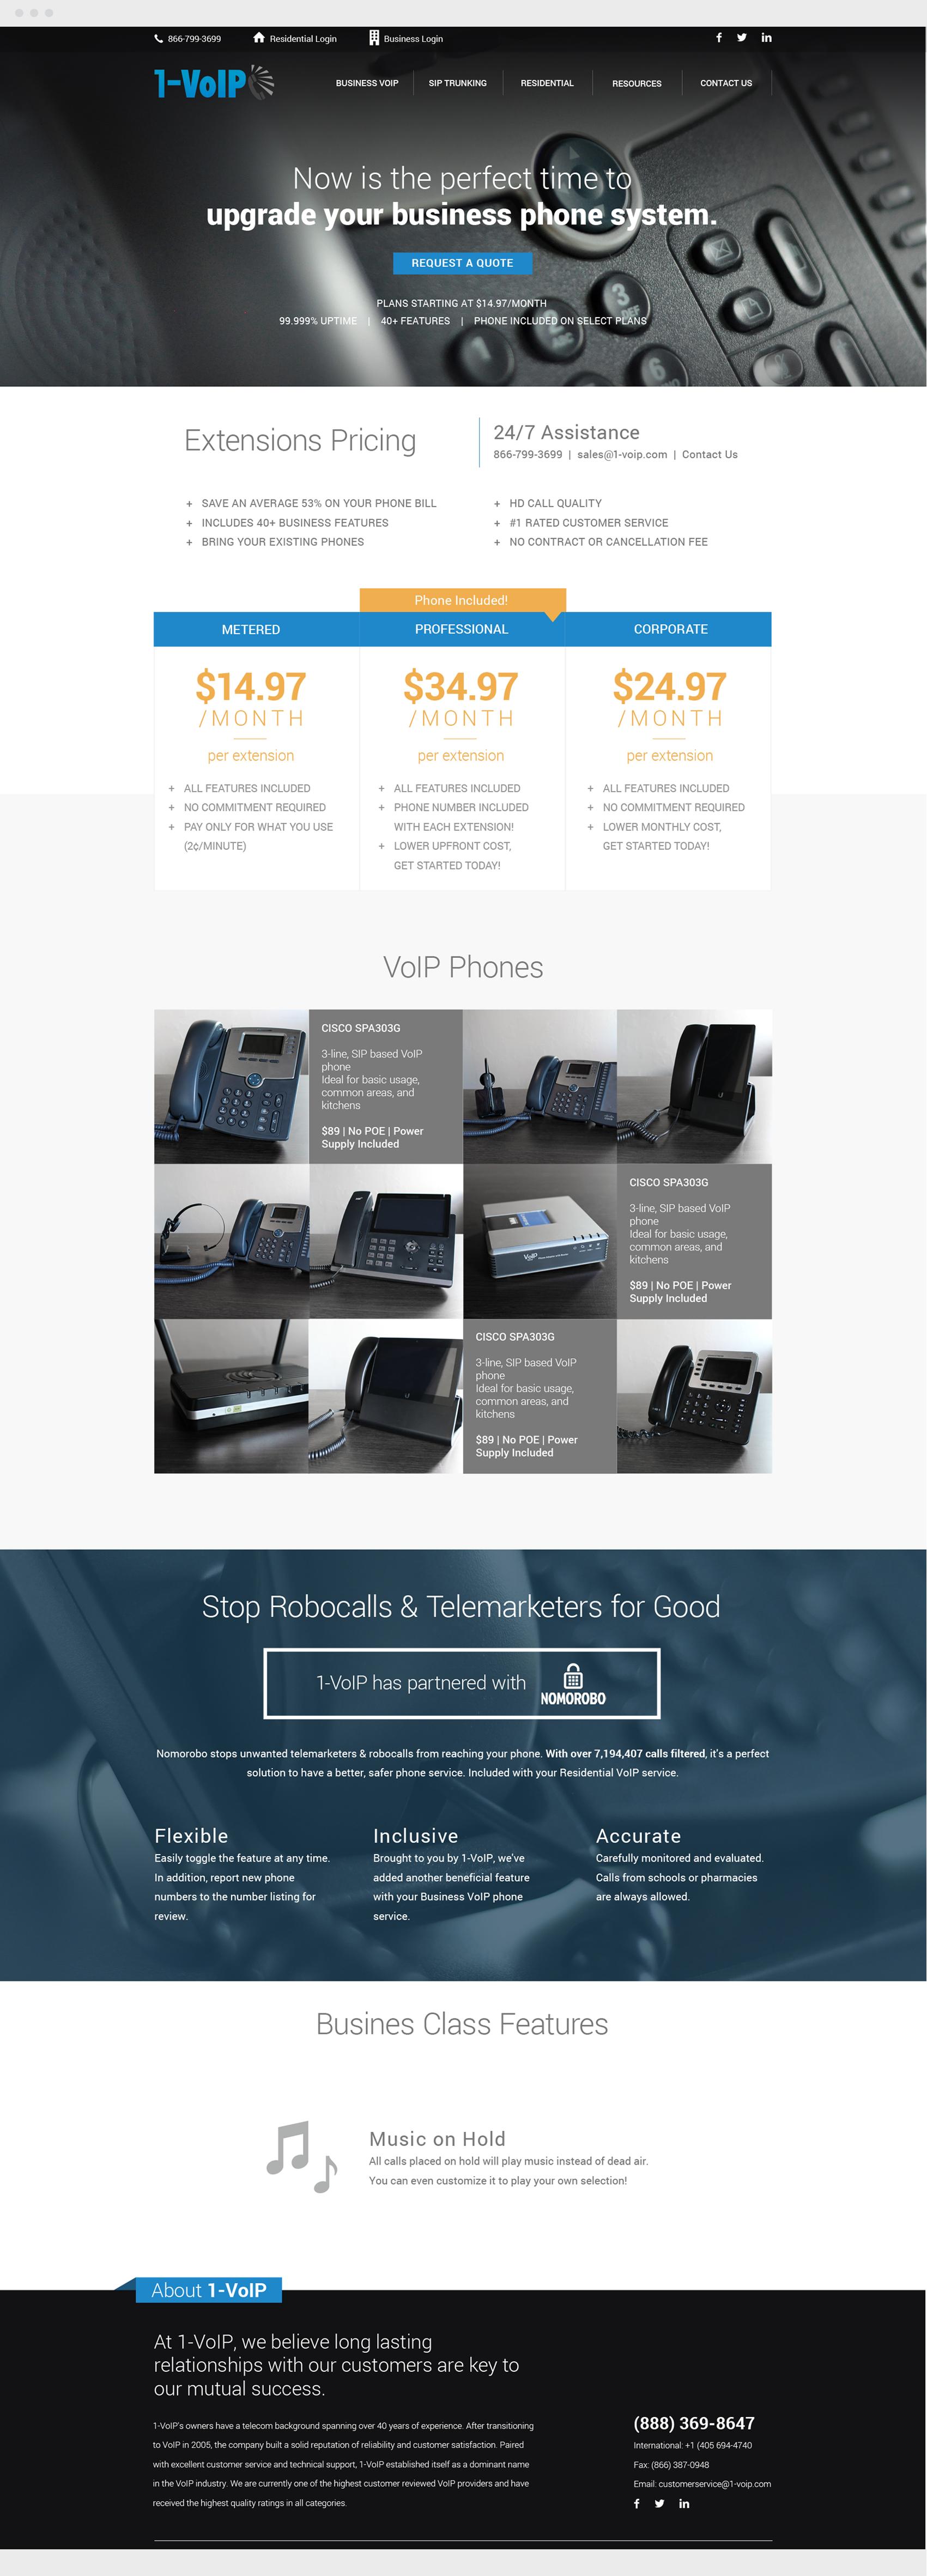 Website_1-VoIP.png